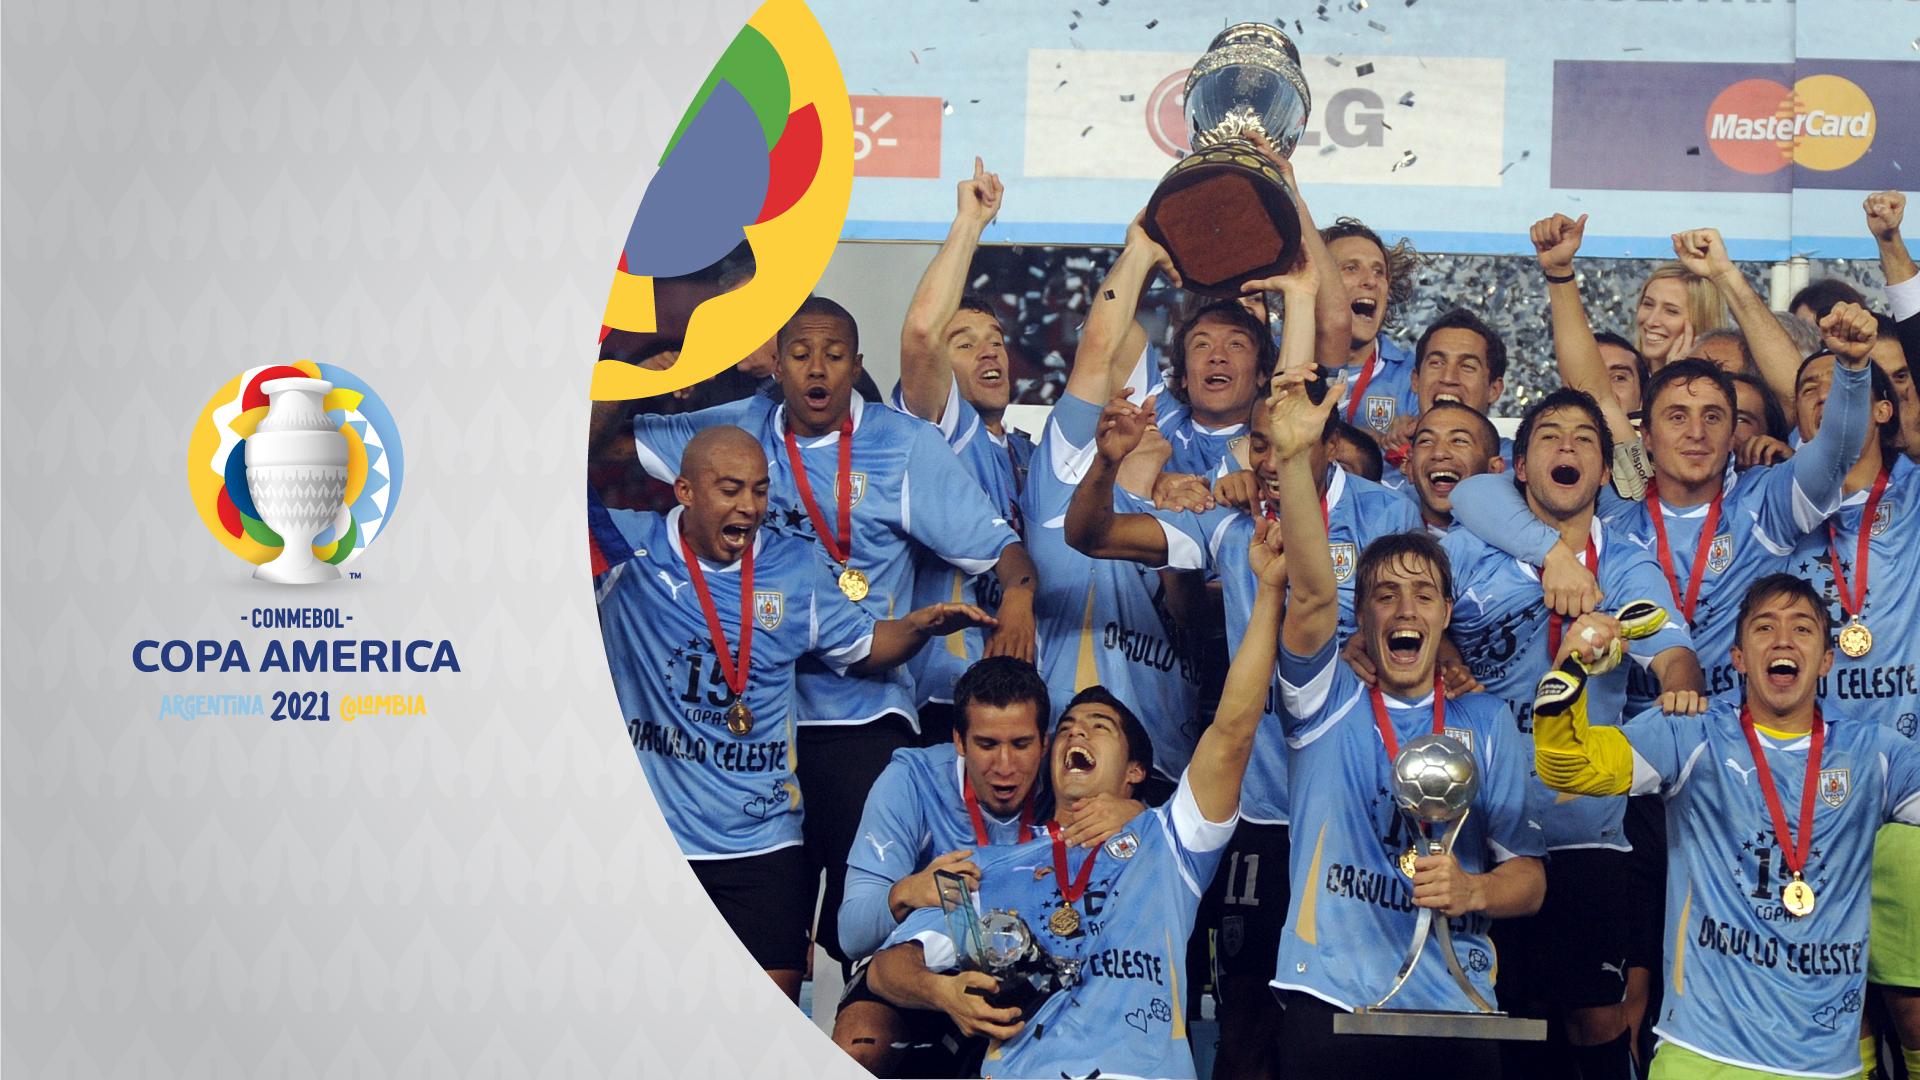 Uruguay Champions Copa America champions